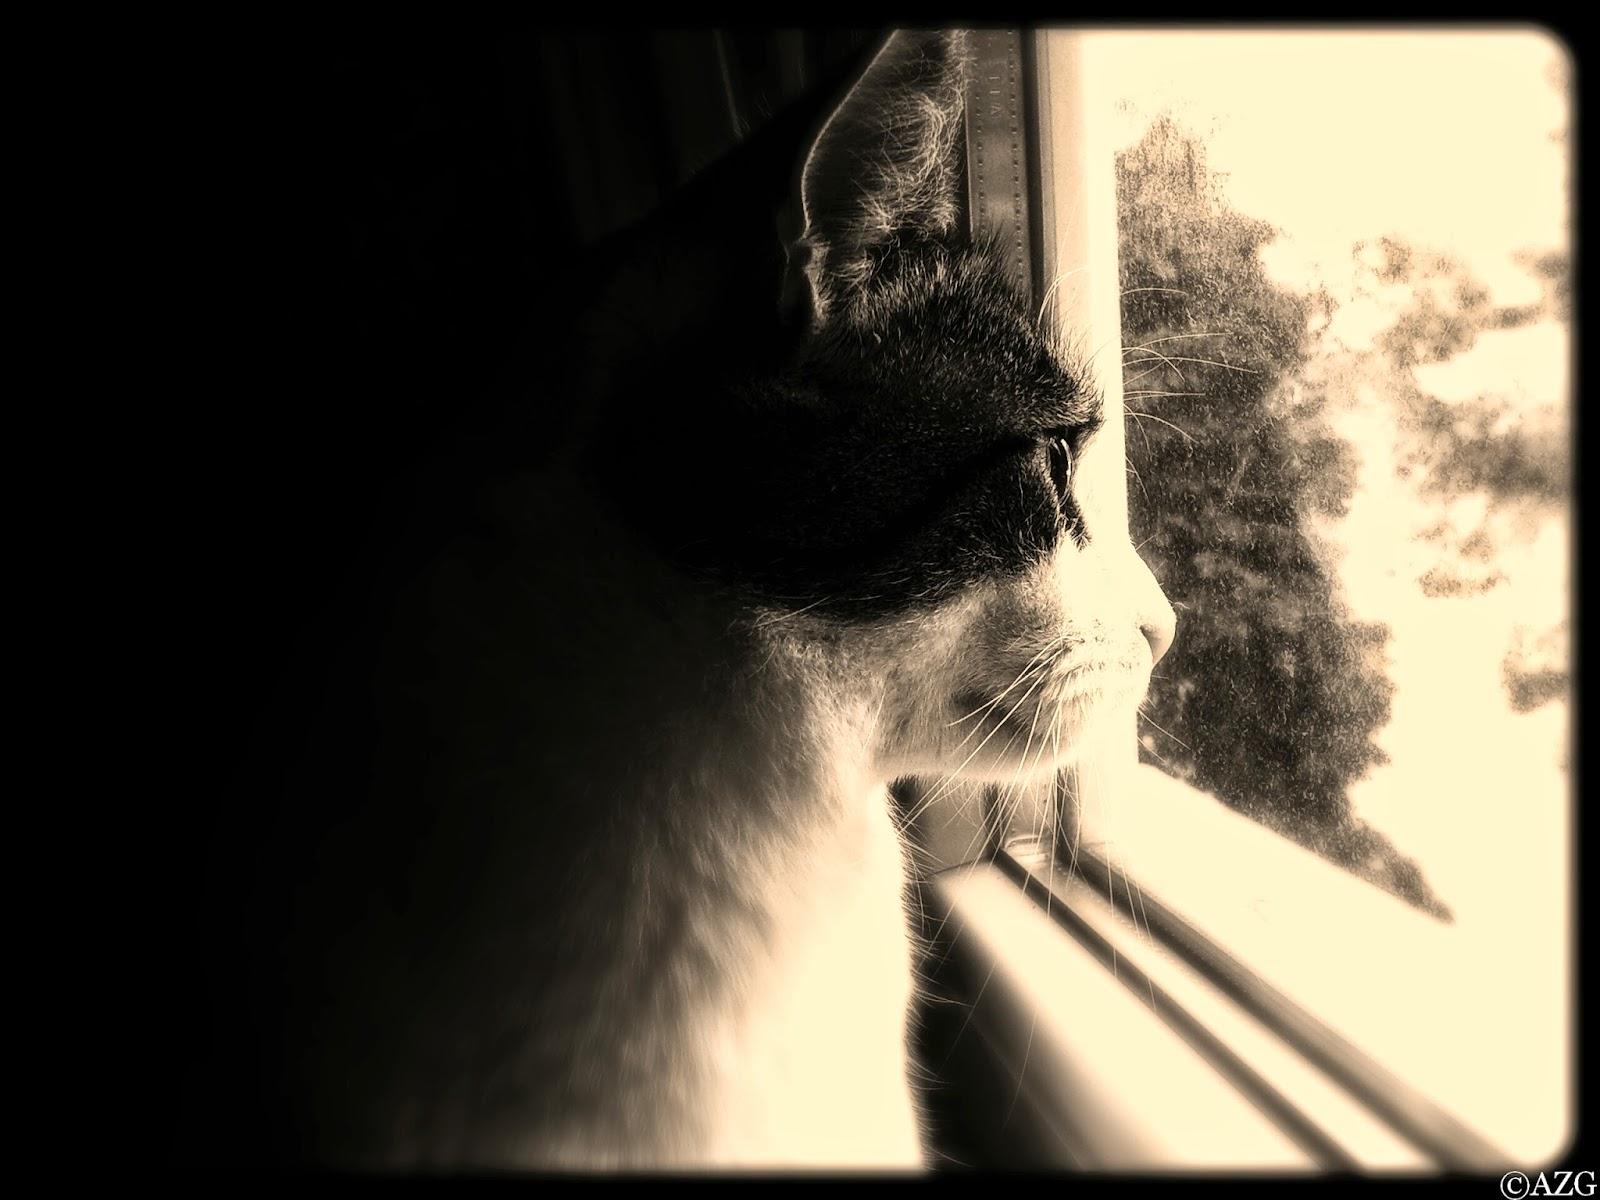 Vid o du jour un chat qui aime vraiment norm ment son ma tre un oeil sur tout - Chat qui dort sur son maitre ...